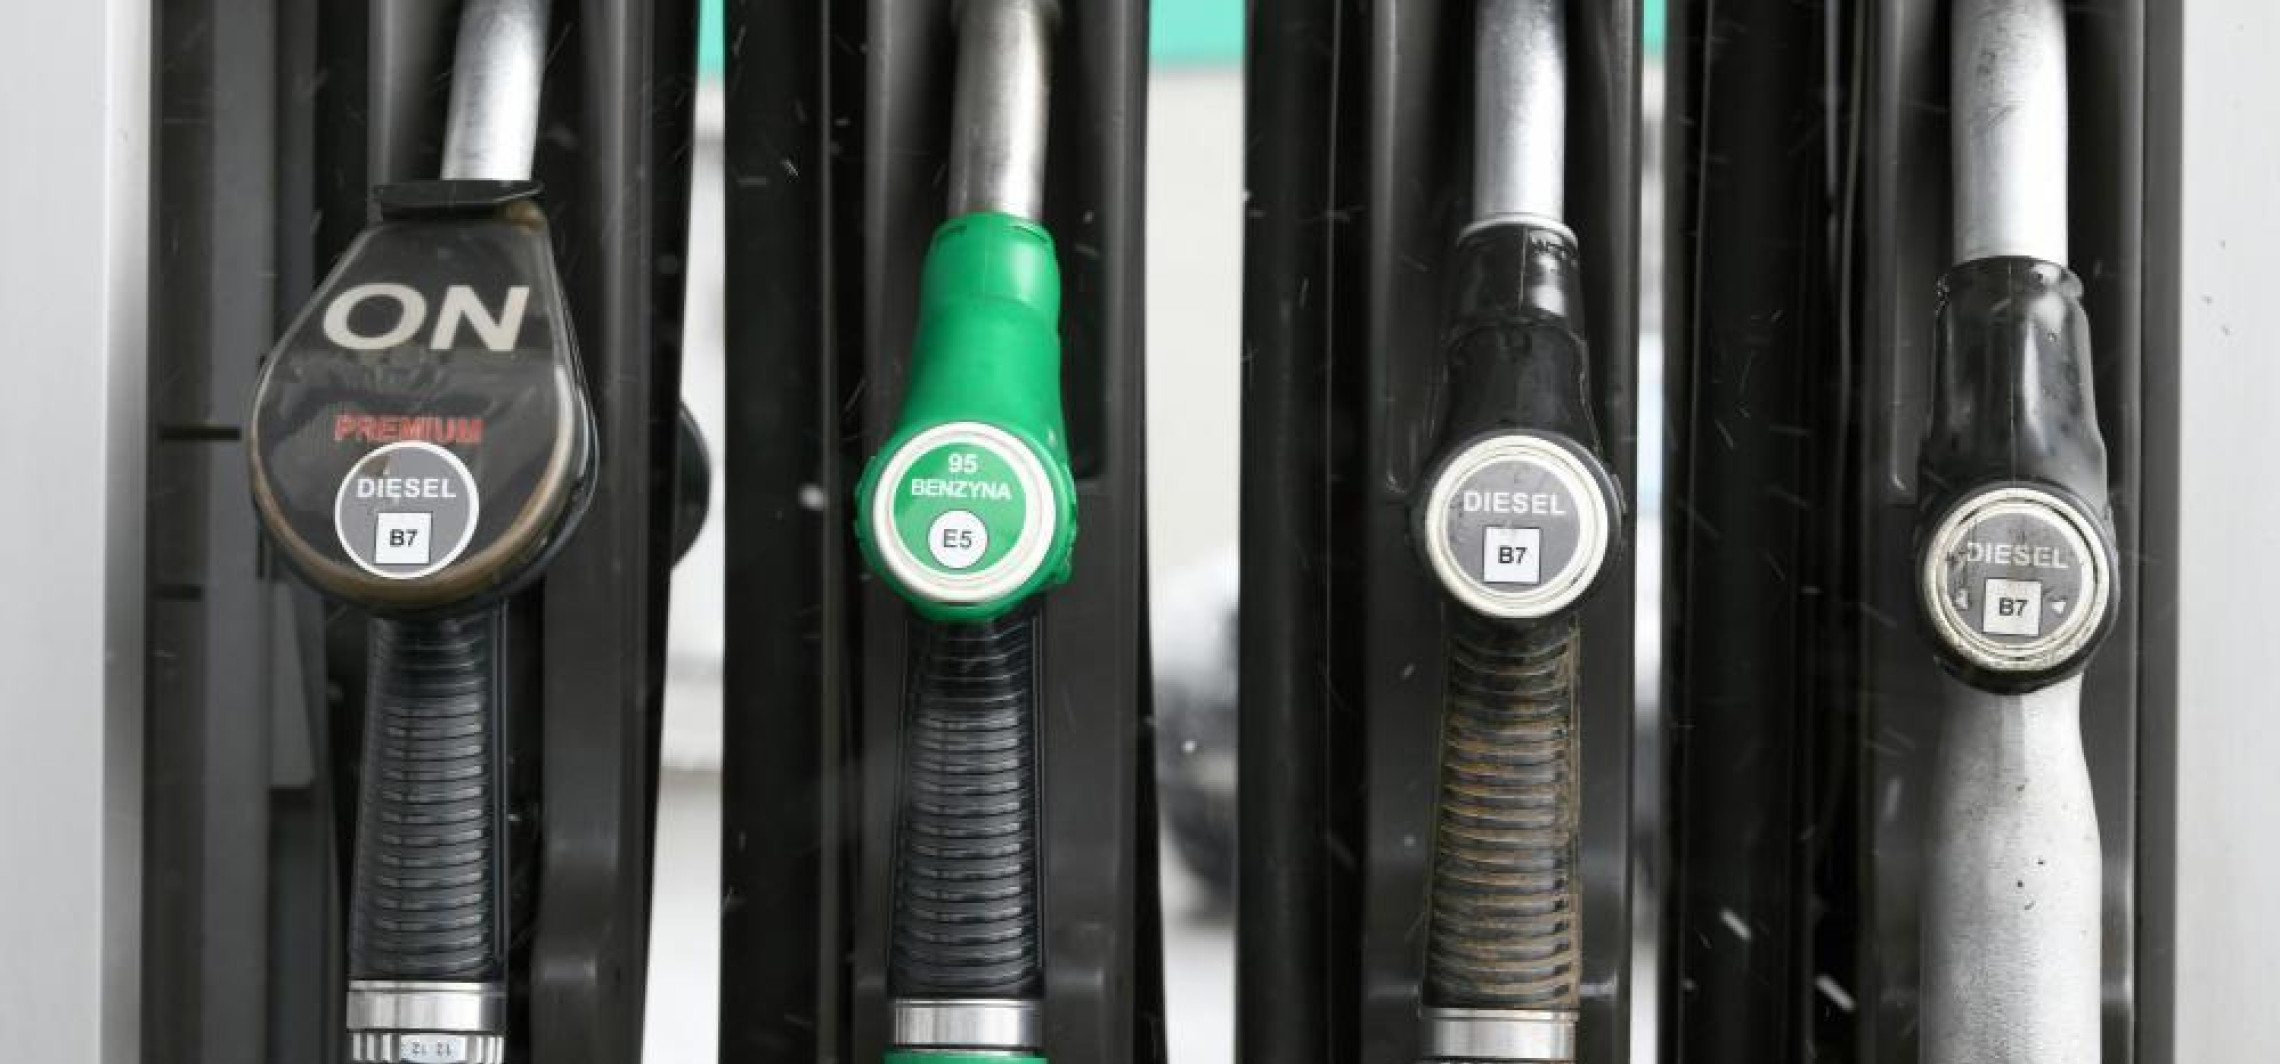 Analitycy: tempo podwyżek na stacjach najwyższe od lat - diesel i benzyna ponad 5 zł